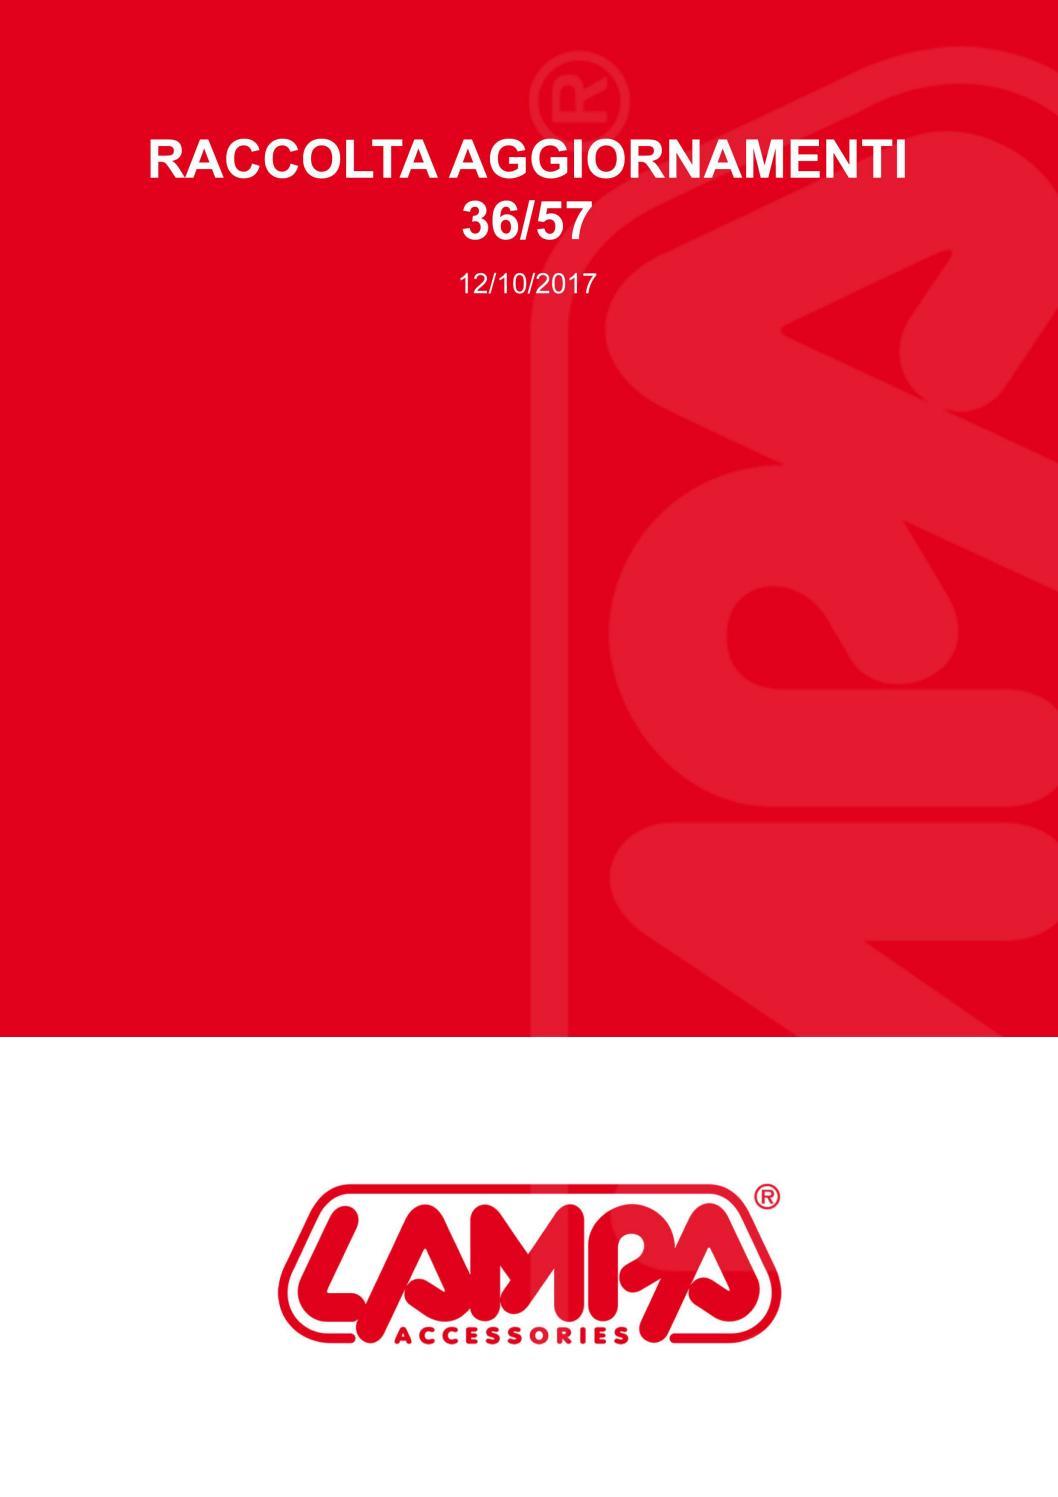 LAMPA-Skin-Cover  coprivolante elasticizzato 35 37 cm Nero S